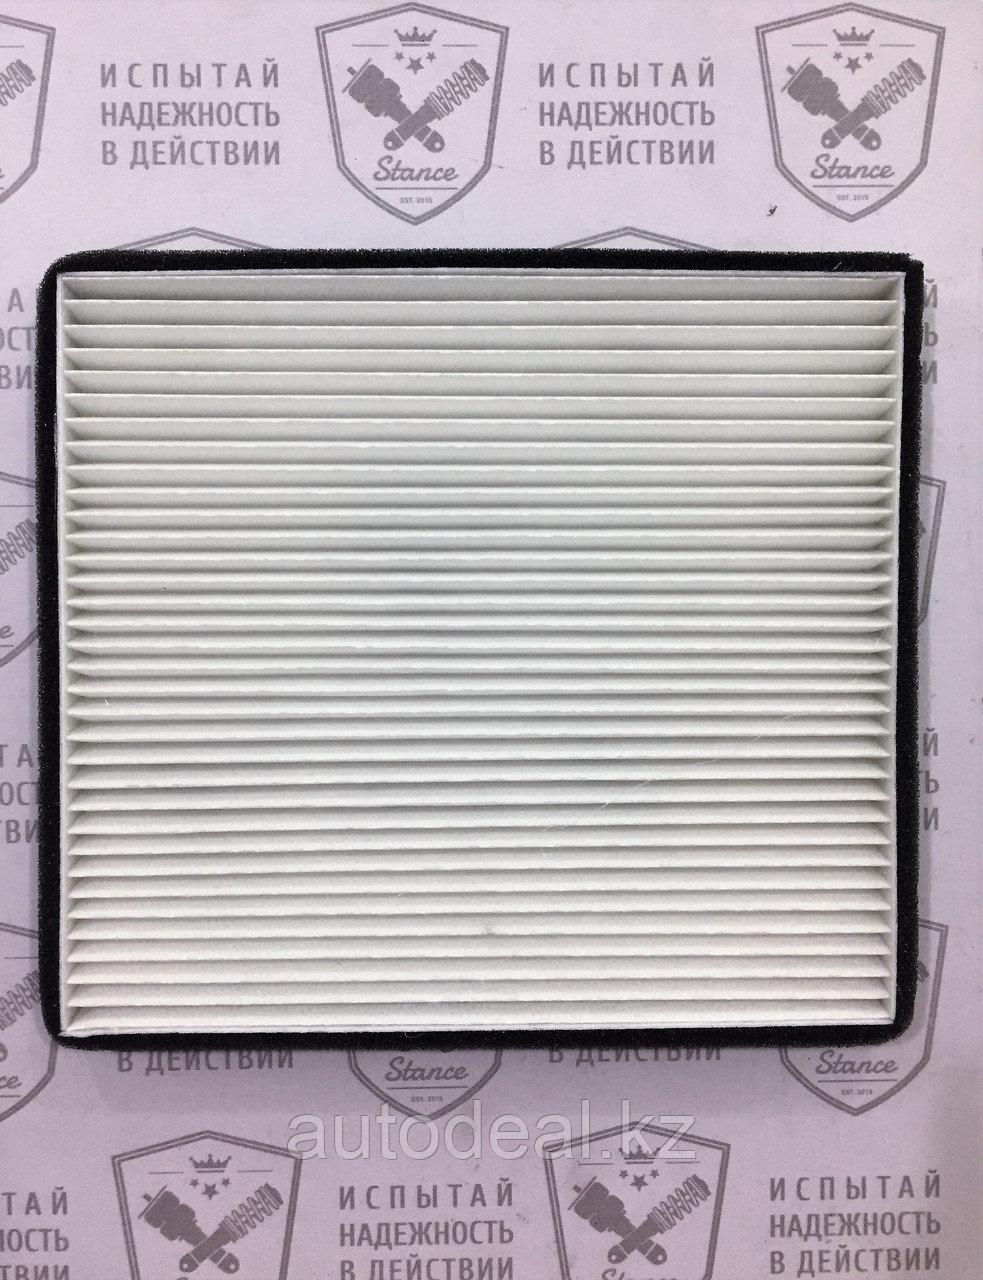 Фильтр салонный JAC S3 / Cabin air filter